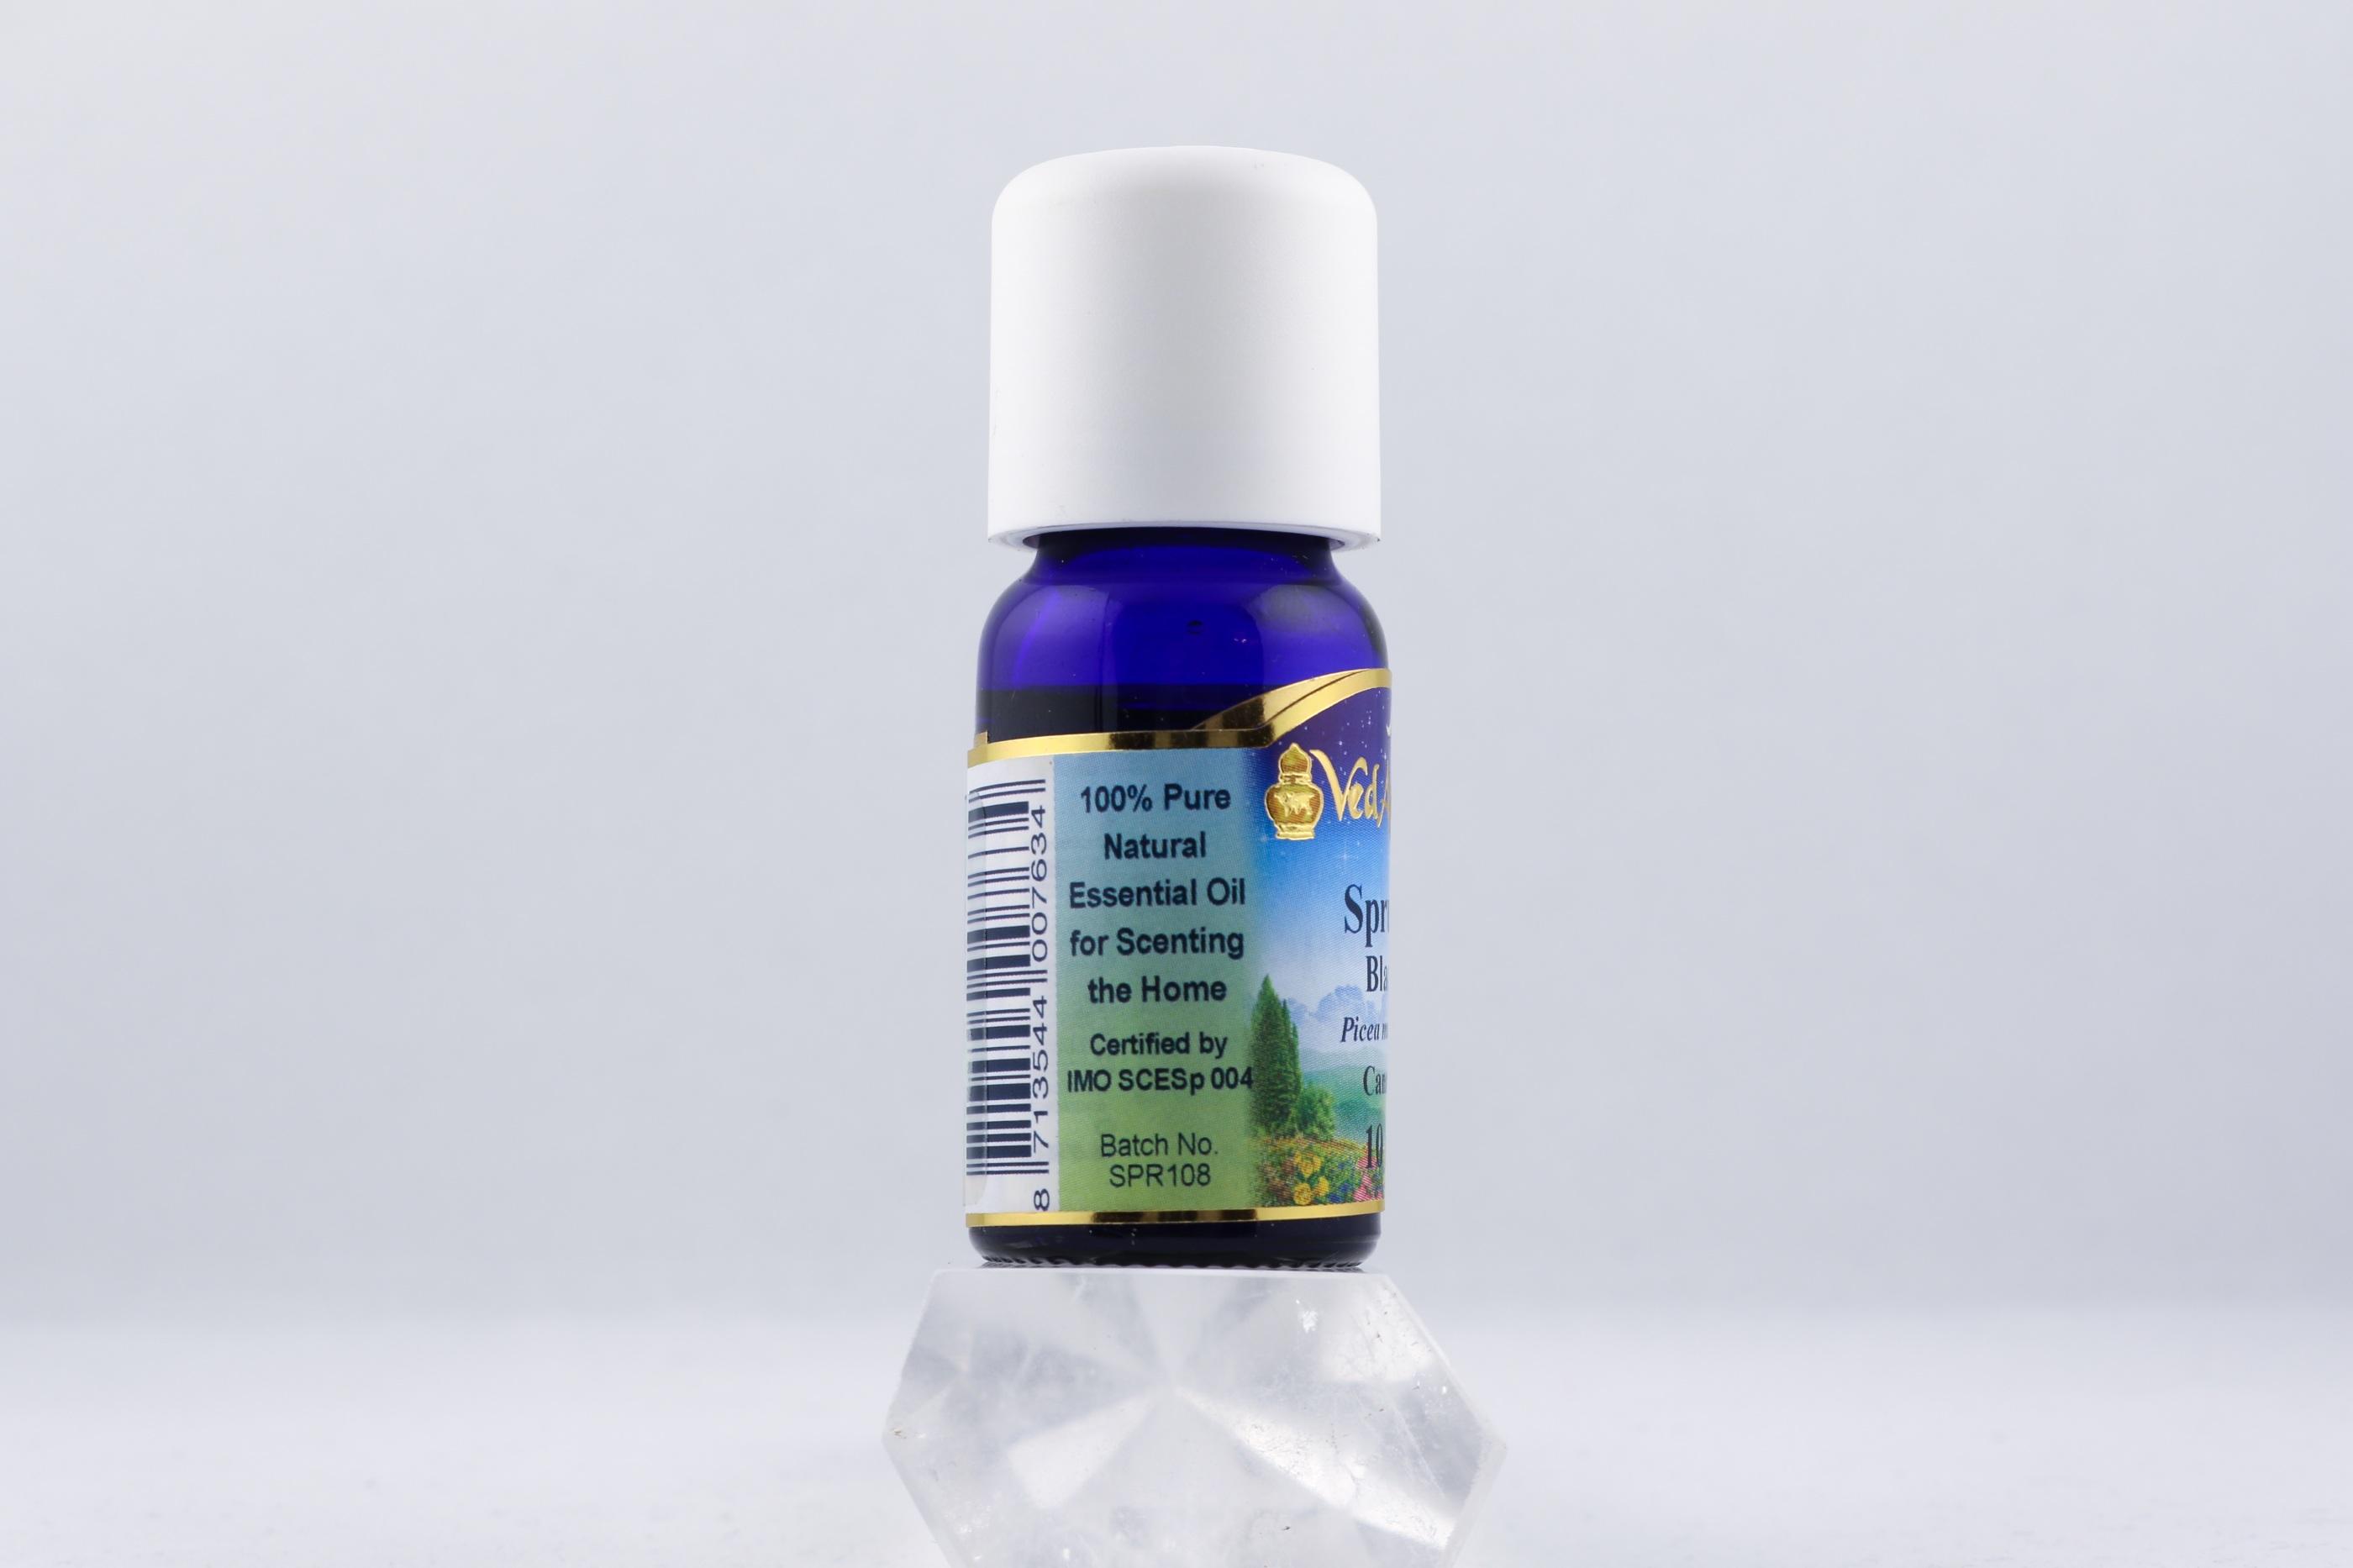 Spruce Black olja wellness ayurveda halmstad sweden svensk eterisk aroma olja